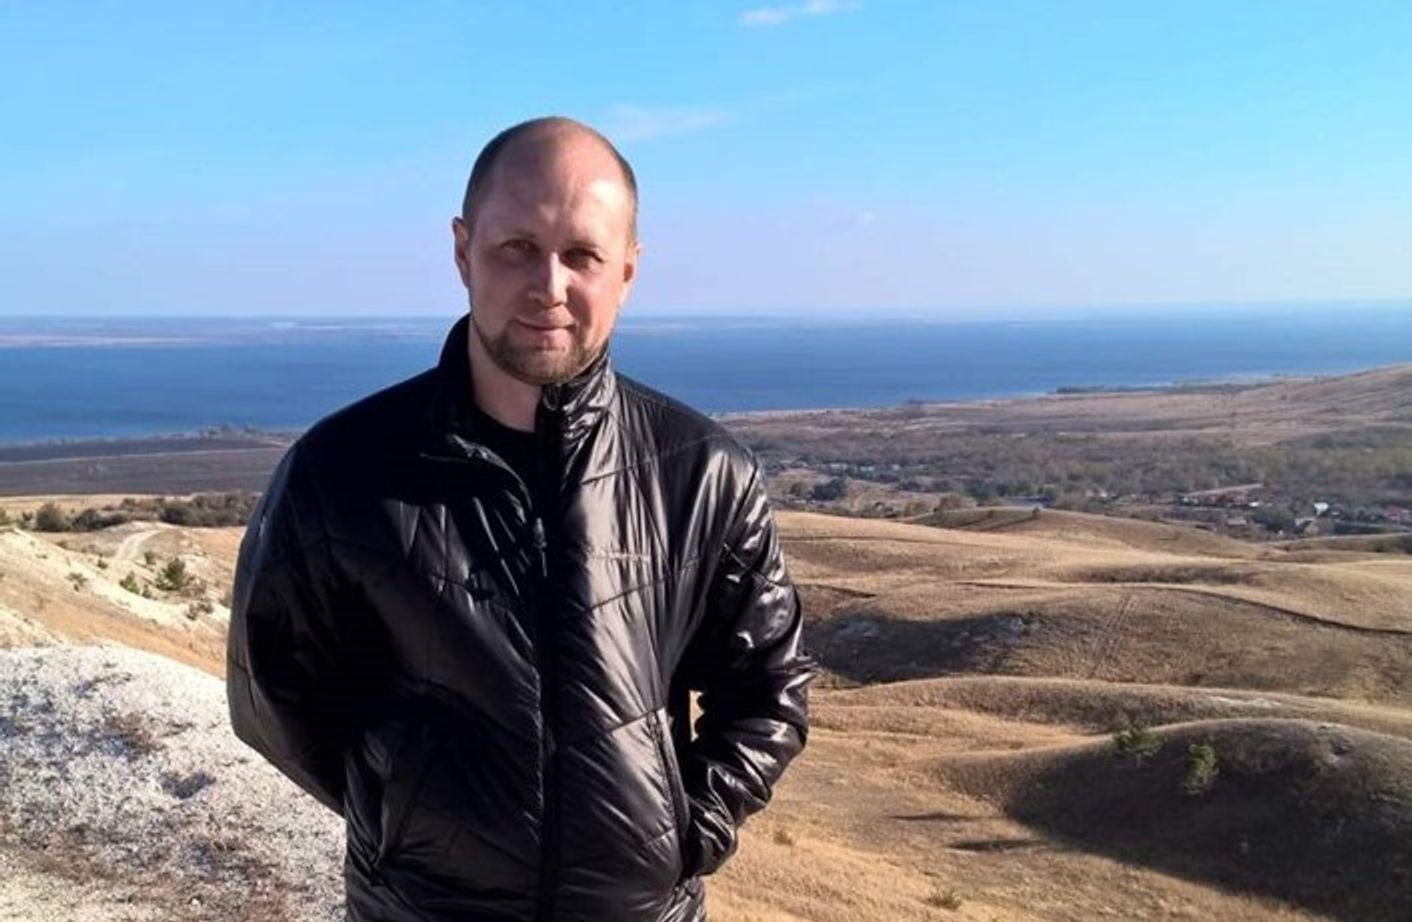 Ймовірний отруйник російського опозиціонера Олексія Навального, співробітник ФСБ Костянтин Кудрявцев.